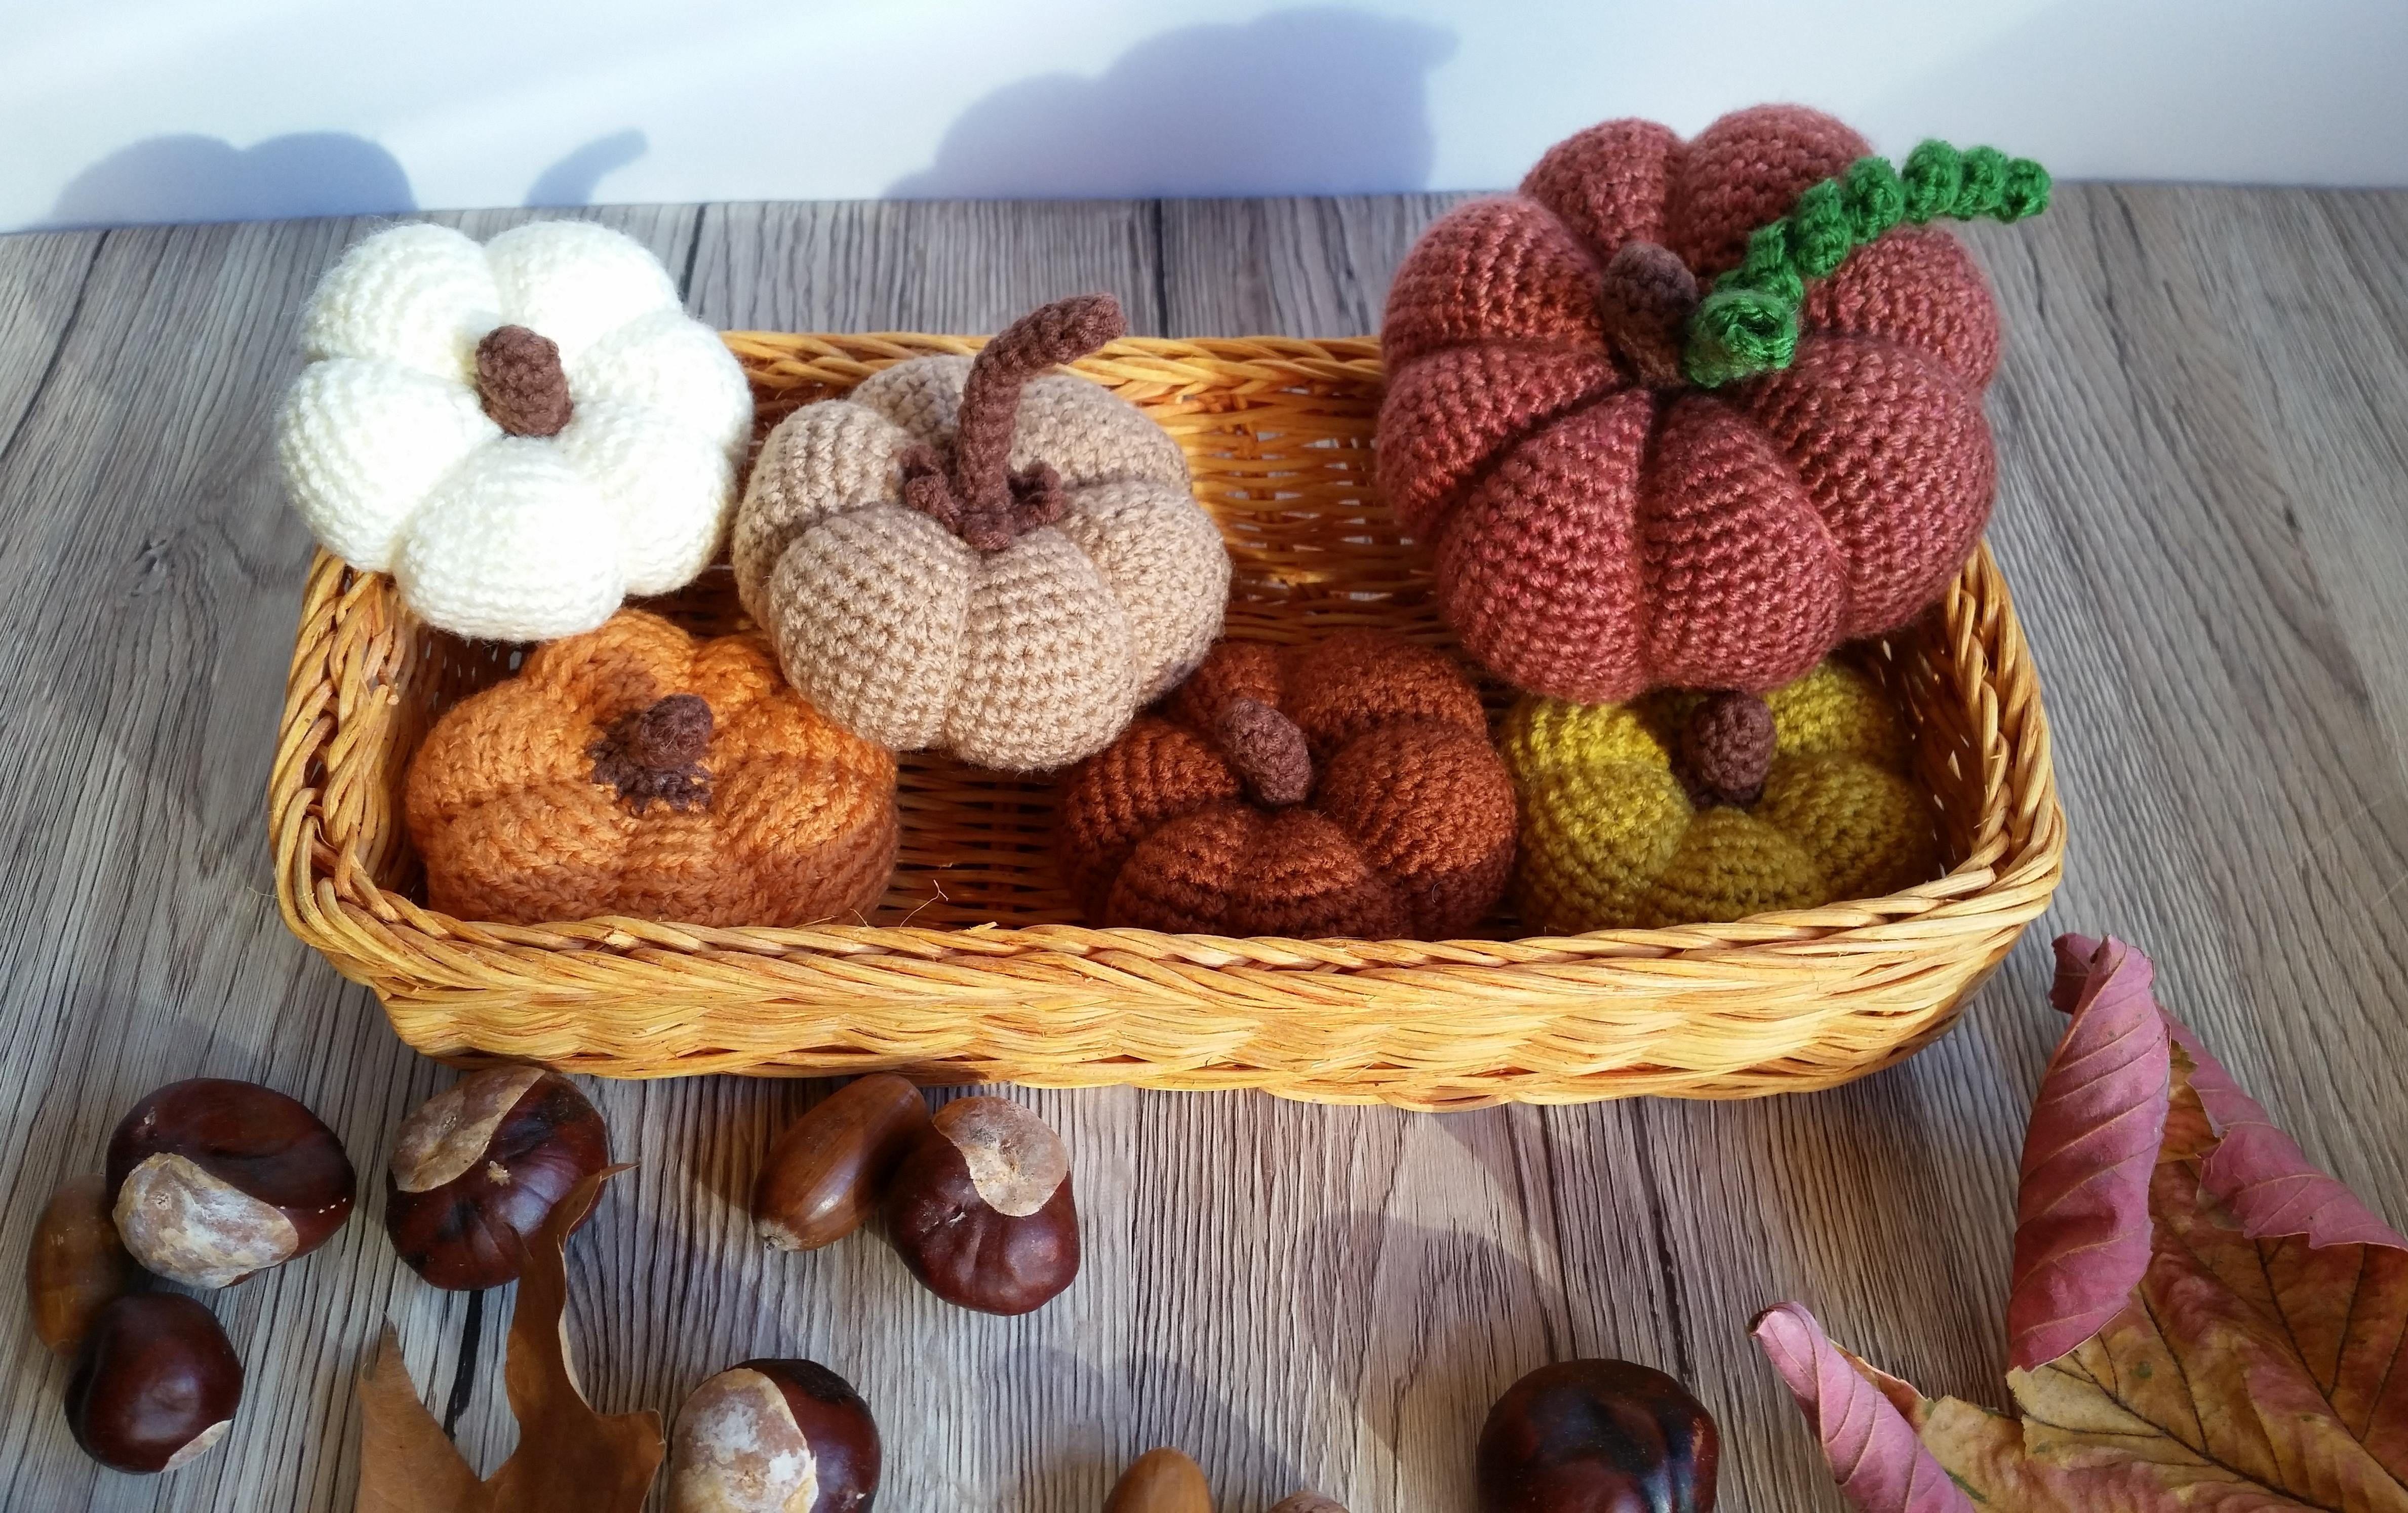 Szydelkowe Dynie Halloween Jesien Ozdoby Home Decor Crochet Pumpkin Rekodzielo Recznie Robione Handmad Decorative Wicker Basket Wicker Baskets Wicker